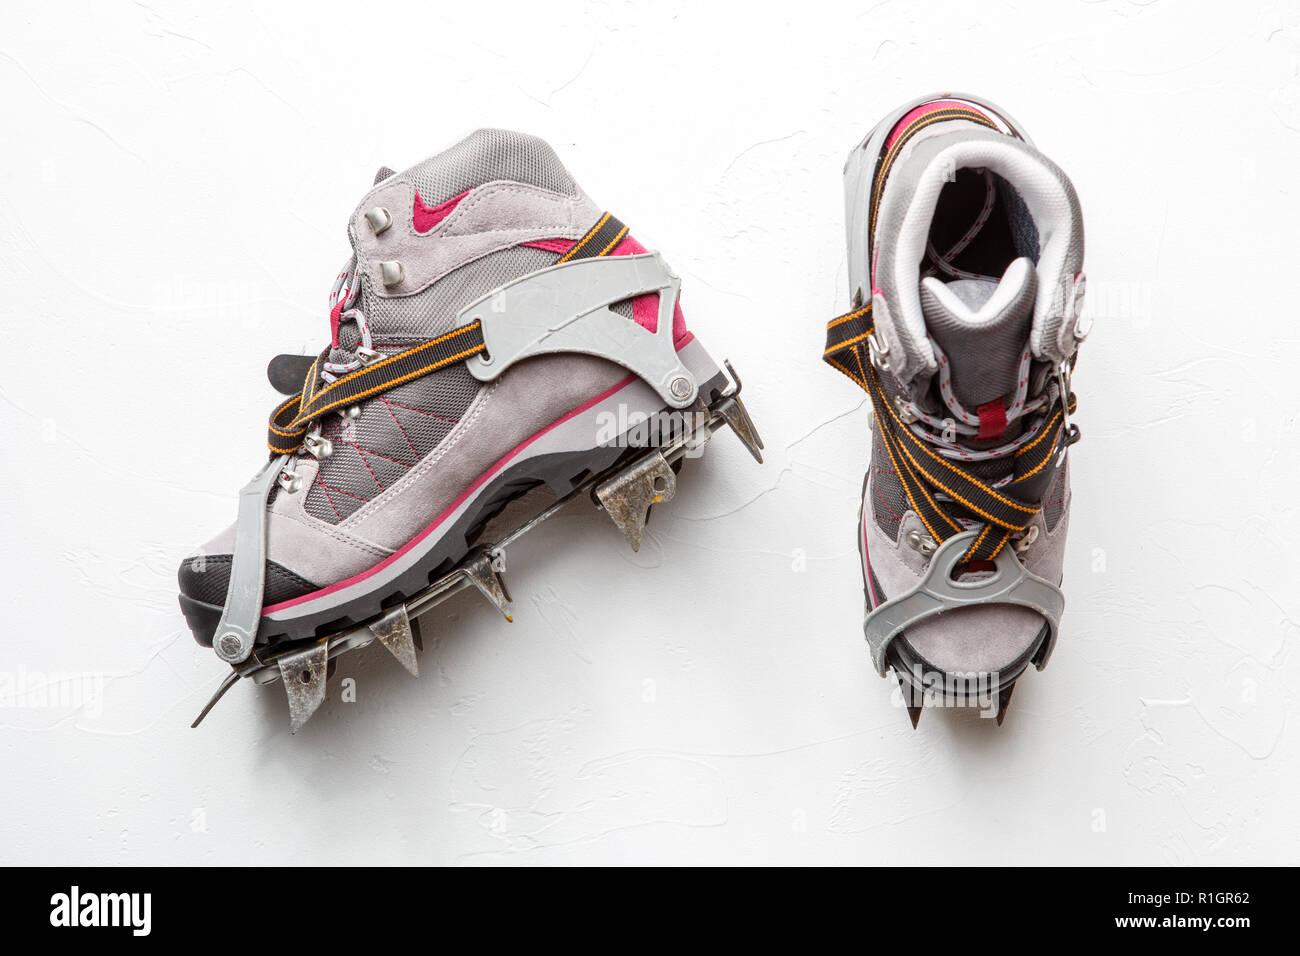 half off 9d2de 662e5 Foto von Berg Schuhe mit Spikes auf weißem Hintergrund ...